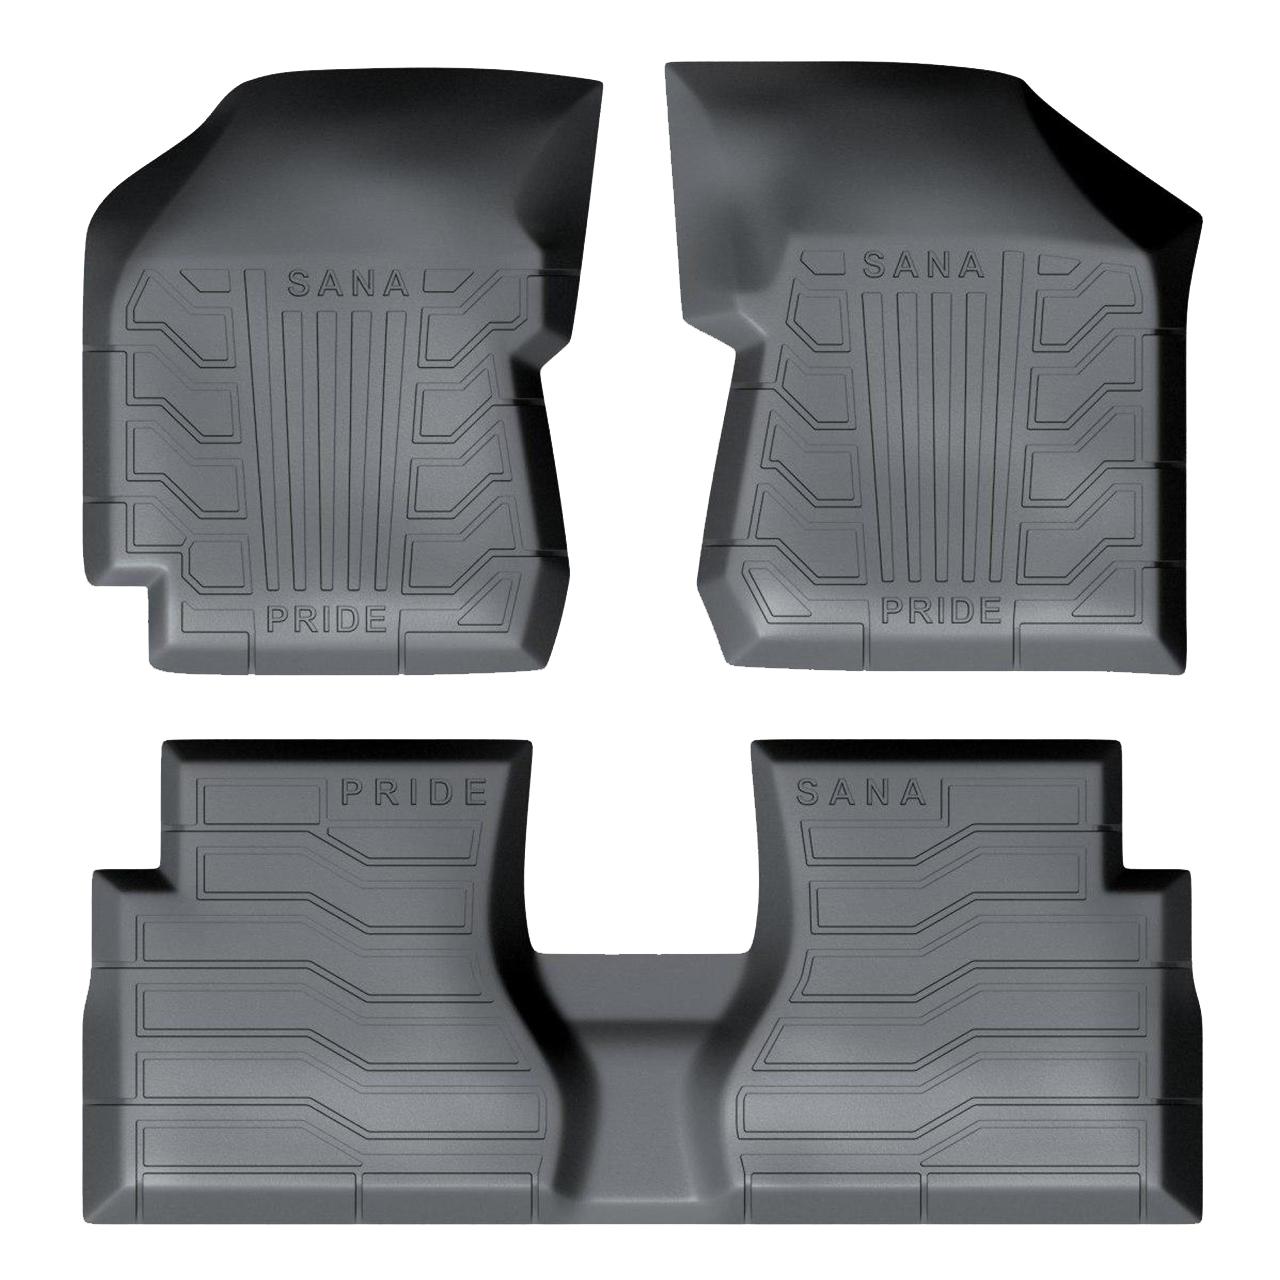 کفپوش سه بعدی خودرو سانا طرح 2 مناسب برای پراید